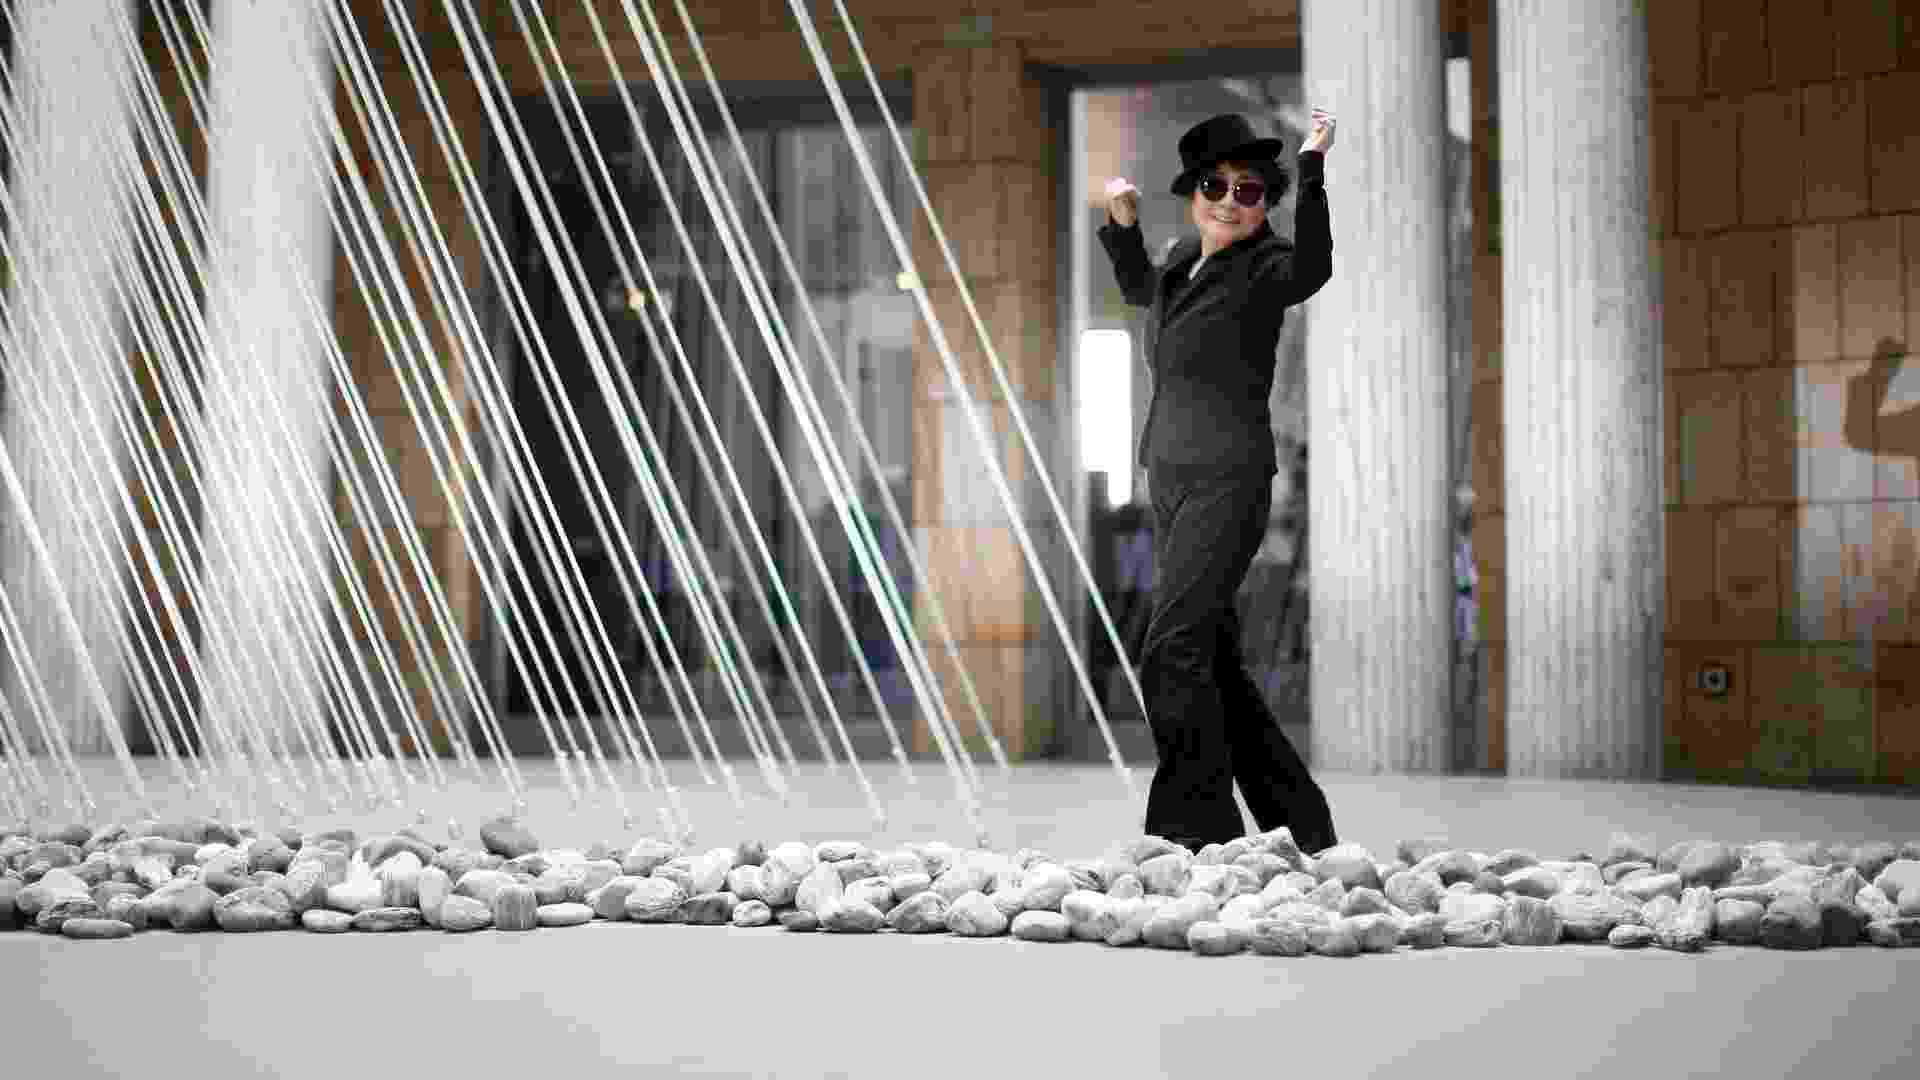 O museu Schirn Kunsthalle, na cidade alemã de Fankfurt, apresenta uma retrospectiva da obra de Yoko Ono, que comemora seus 80 anos - REUTERS/Lisi Niesner